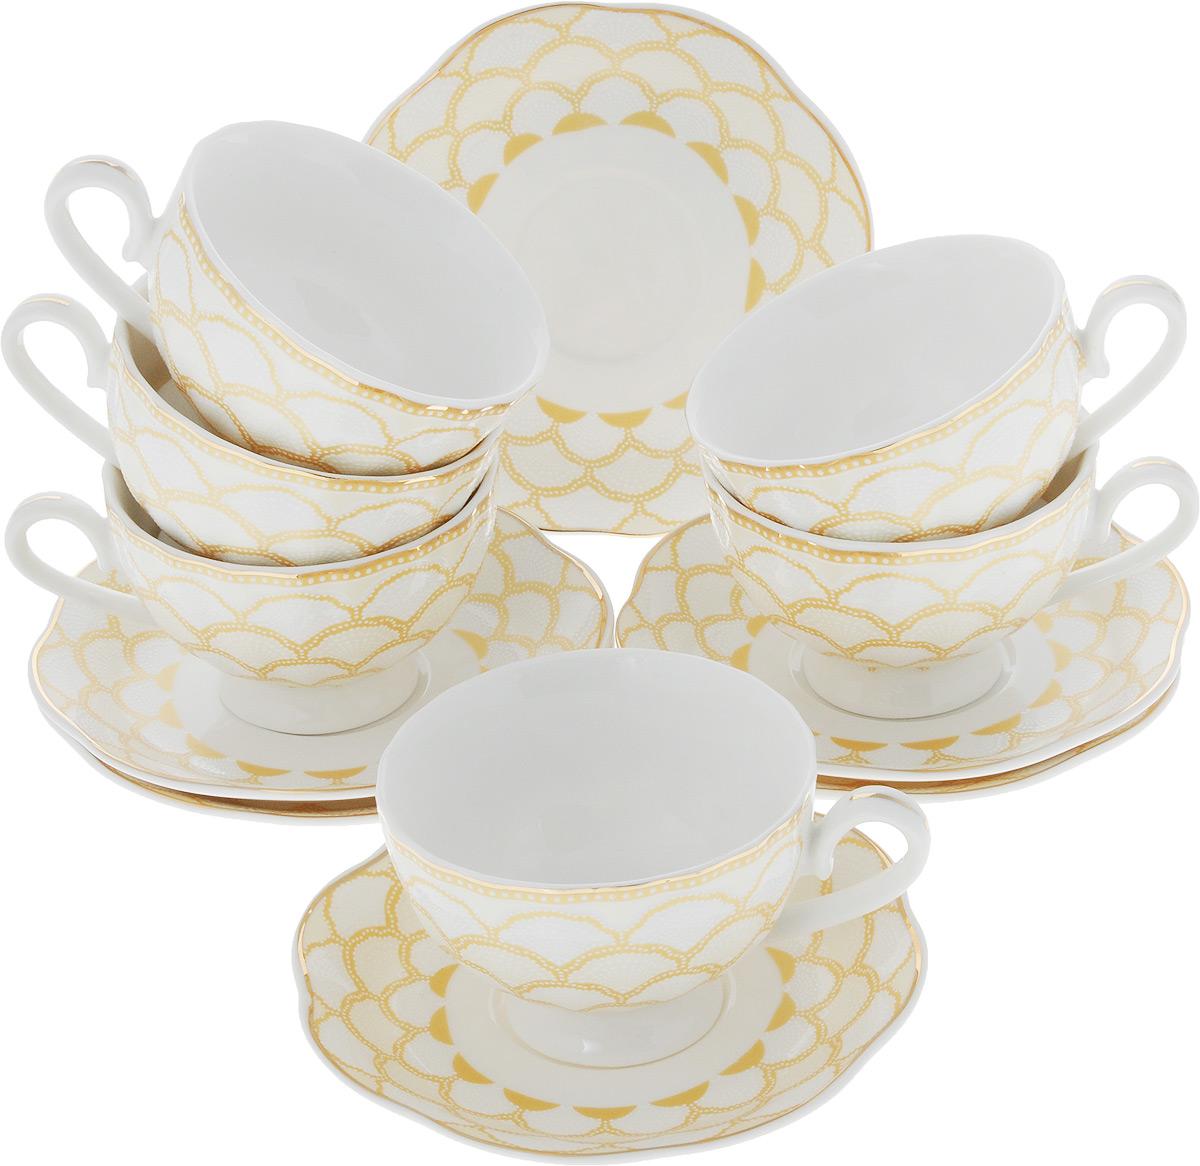 Кофейный сервиз Loraine, 110 мл, цвет: белый, золотой. 26440-1FS-91909Кофейный сервиз Loraine на 6 персон выполнен из высококачественного костяного фарфора - материала, безопасного для здоровья и надолго сохраняющего тепло напитка. В наборе 6 чашек и 6 блюдец. Несмотря на свою внешнюю хрупкость, каждый из предметов набора обладает высокой прочностью и надежностью. Изделия украшены тонкой золотой каймой, внешние стенки дополнены красивым рельефным рисунком. Элегантный классический дизайн сделает этот набор изысканным украшением любого стола. Набор упакован в подарочную коробку, поэтому его можно преподнести в качестве оригинального и практичного подарка для родных и близких. Объем чашки: 110 мл. Диаметр чашки (по верхнему краю): 7,5 см. Высота чашки: 5 см. Диаметр блюдца: 11,5 см.